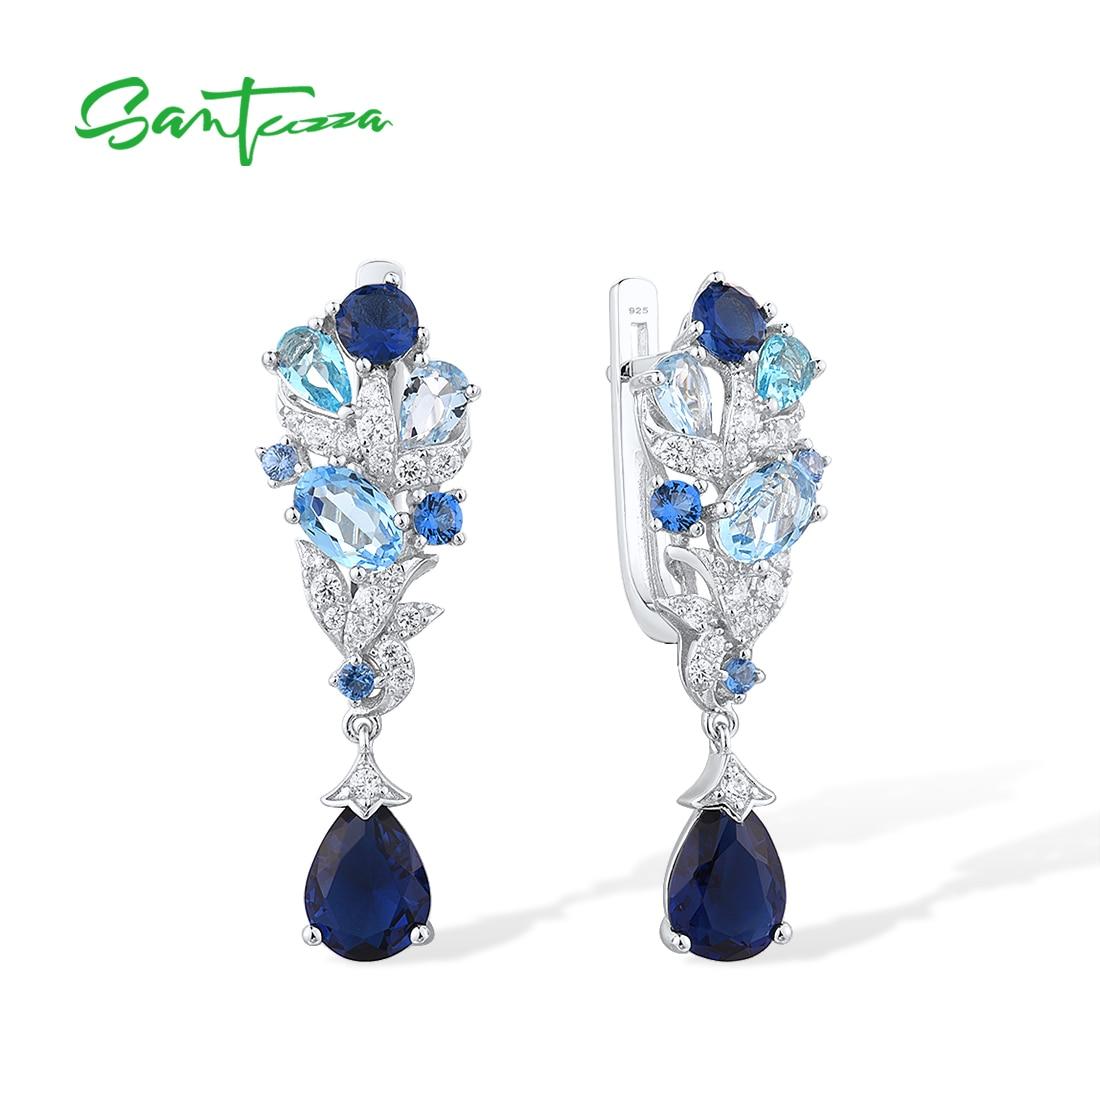 Женские-серебряные-висячие-серьги-santuzza-из-стерлингового-серебра-925-пробы-со-сверкающими-белыми-фианитами-и-синим-камнем-Изящные-Ювелирные